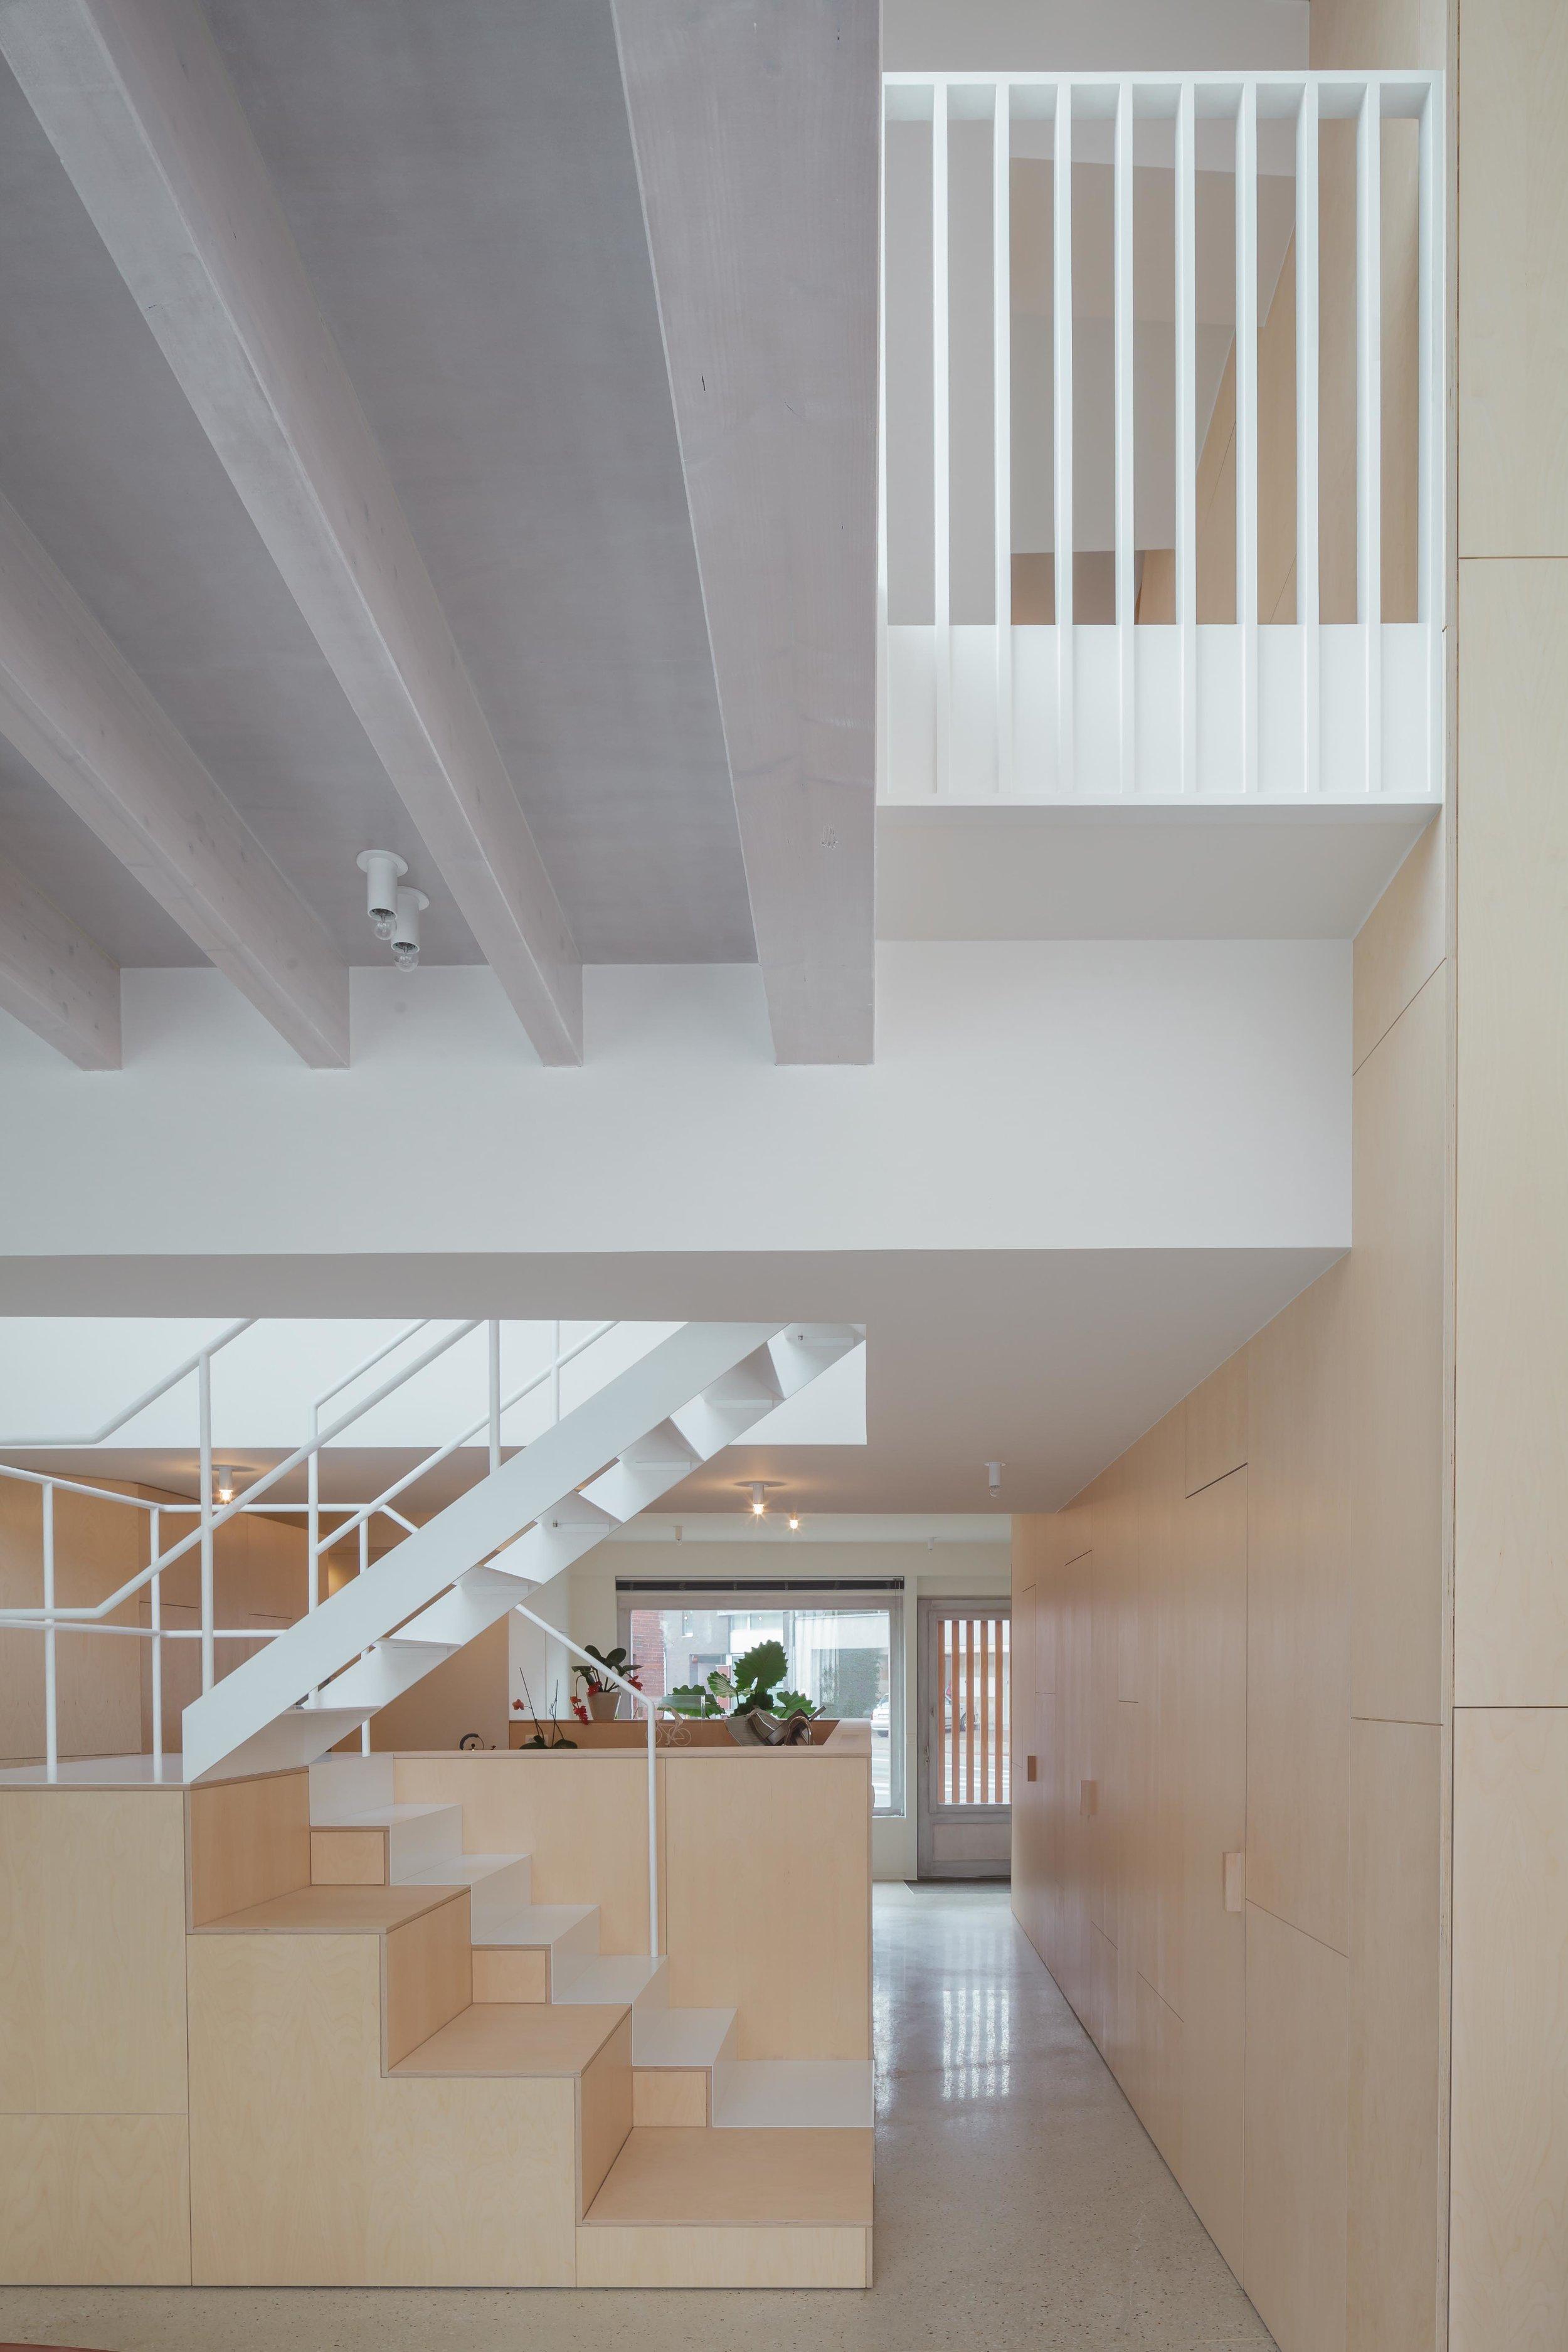 vik-architect-kuurne (4 of 10).jpg